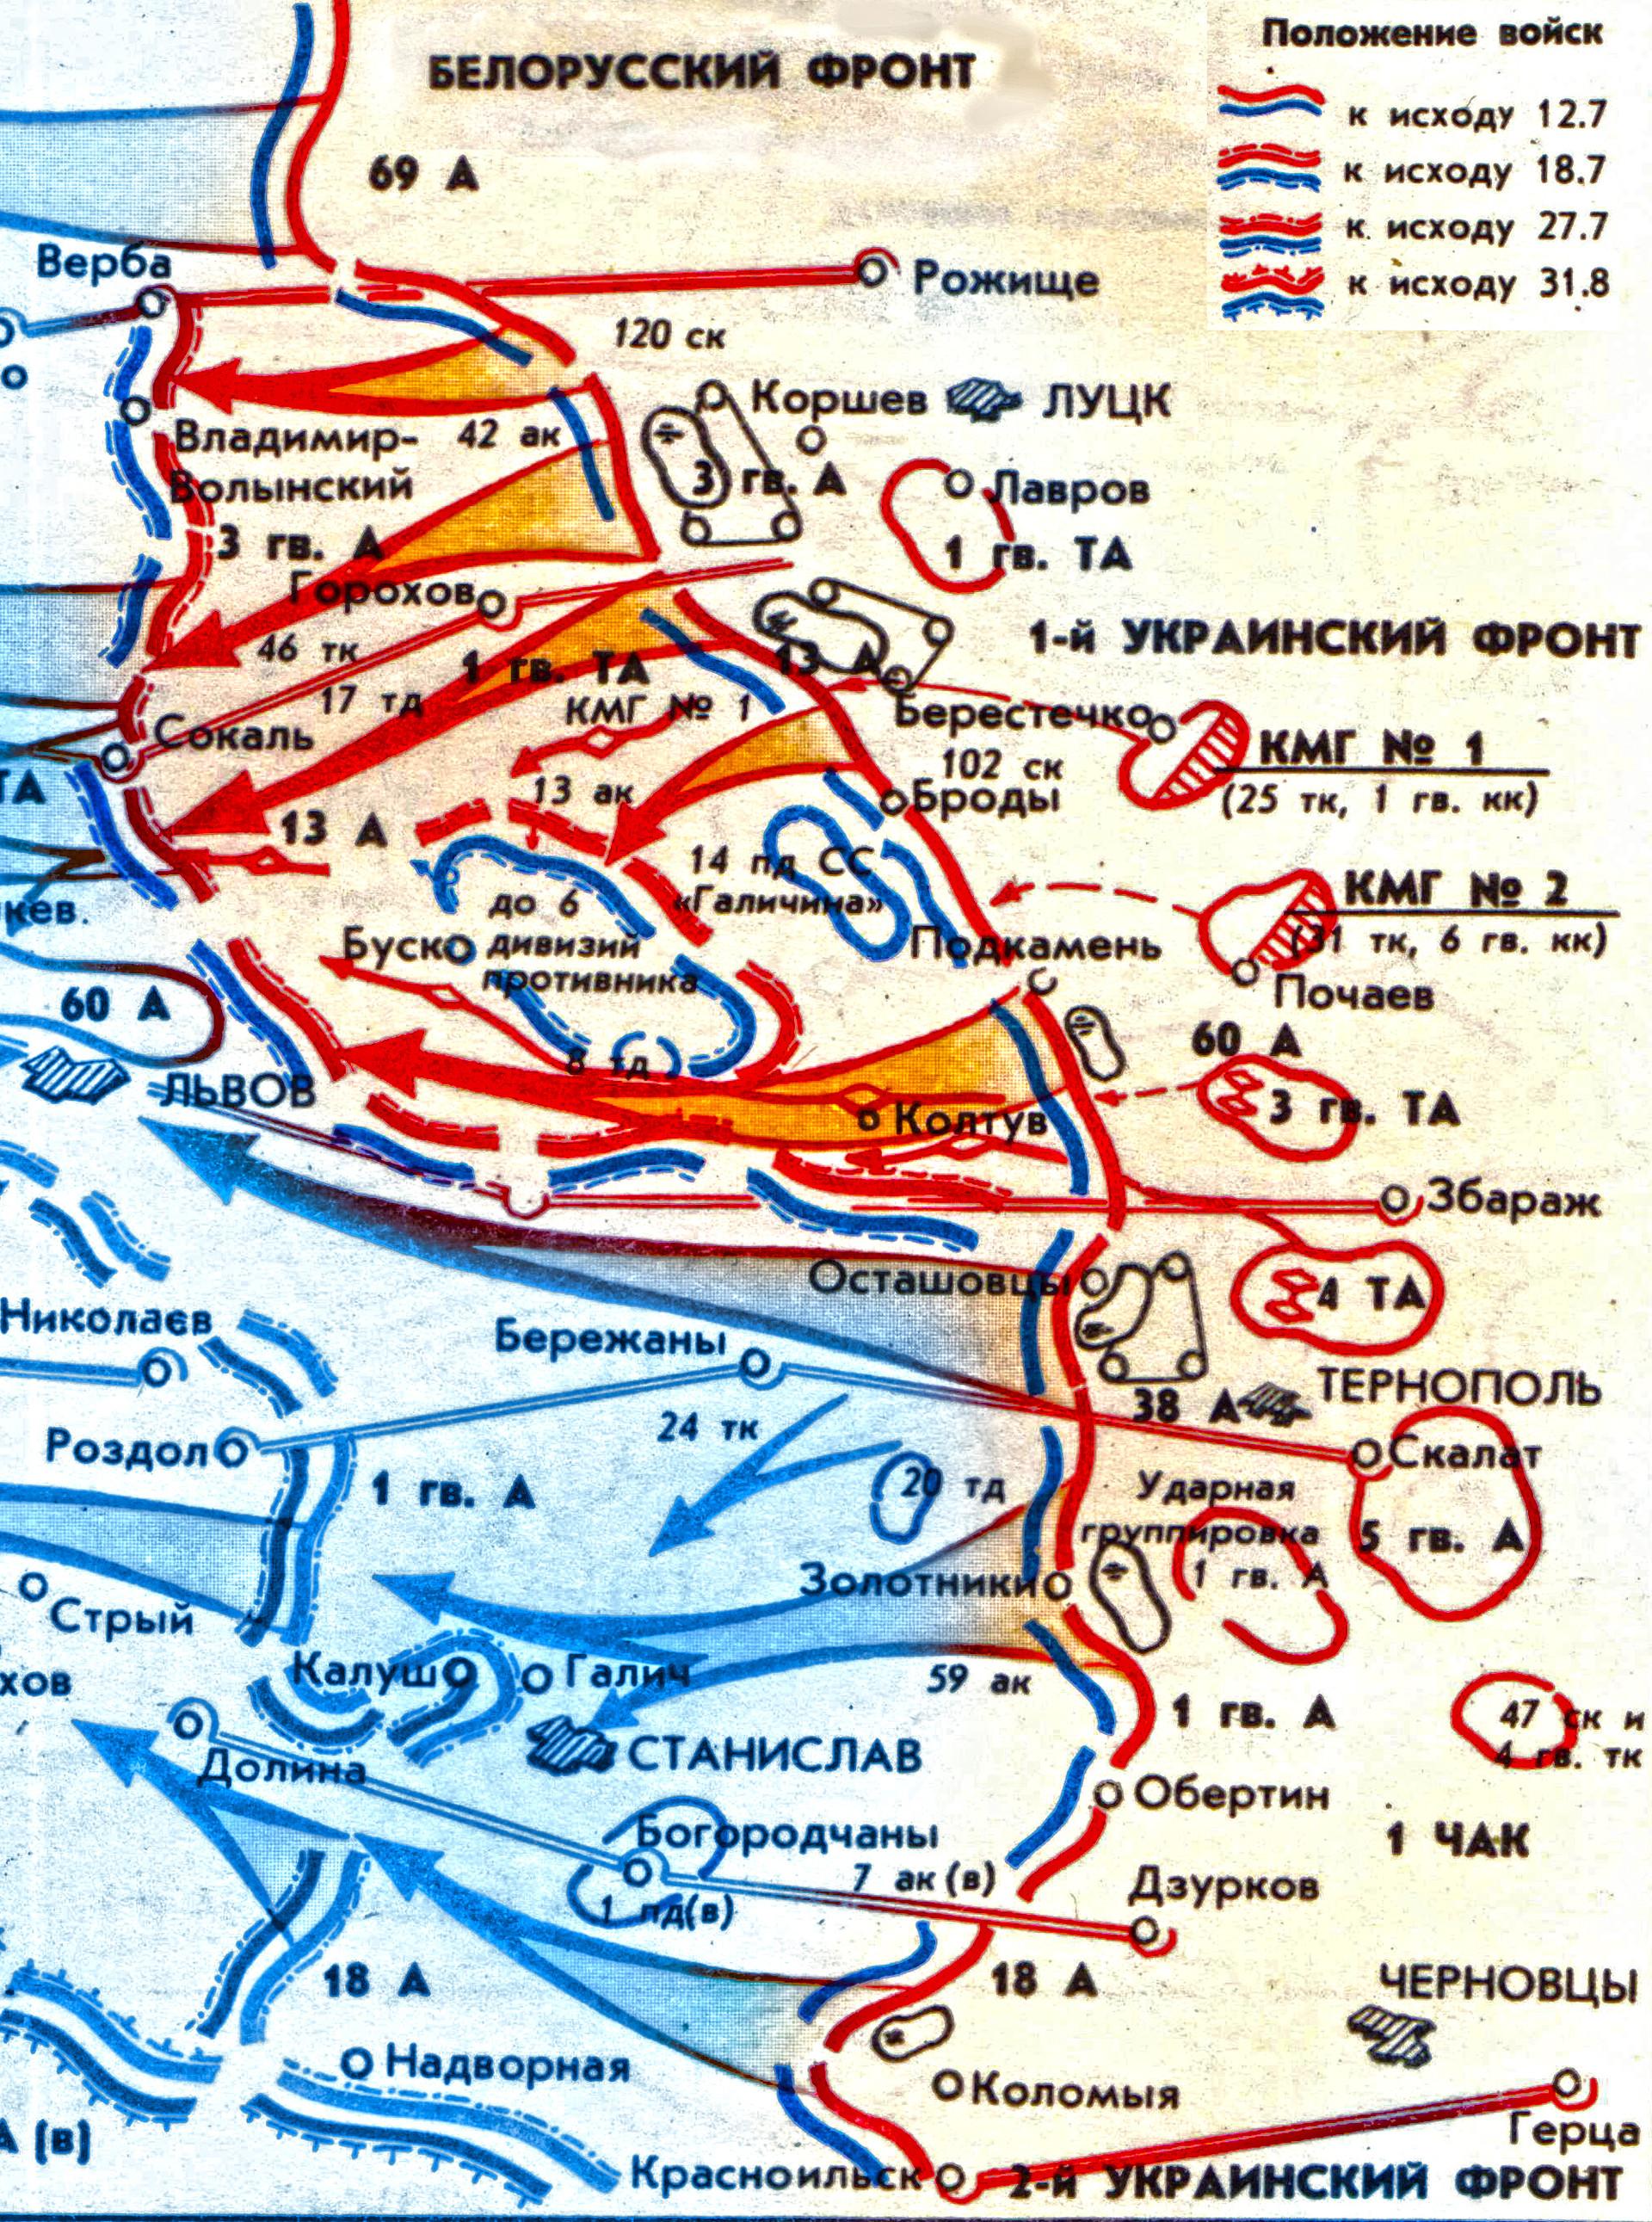 Окружење 13.аК и 14.СС дивизије